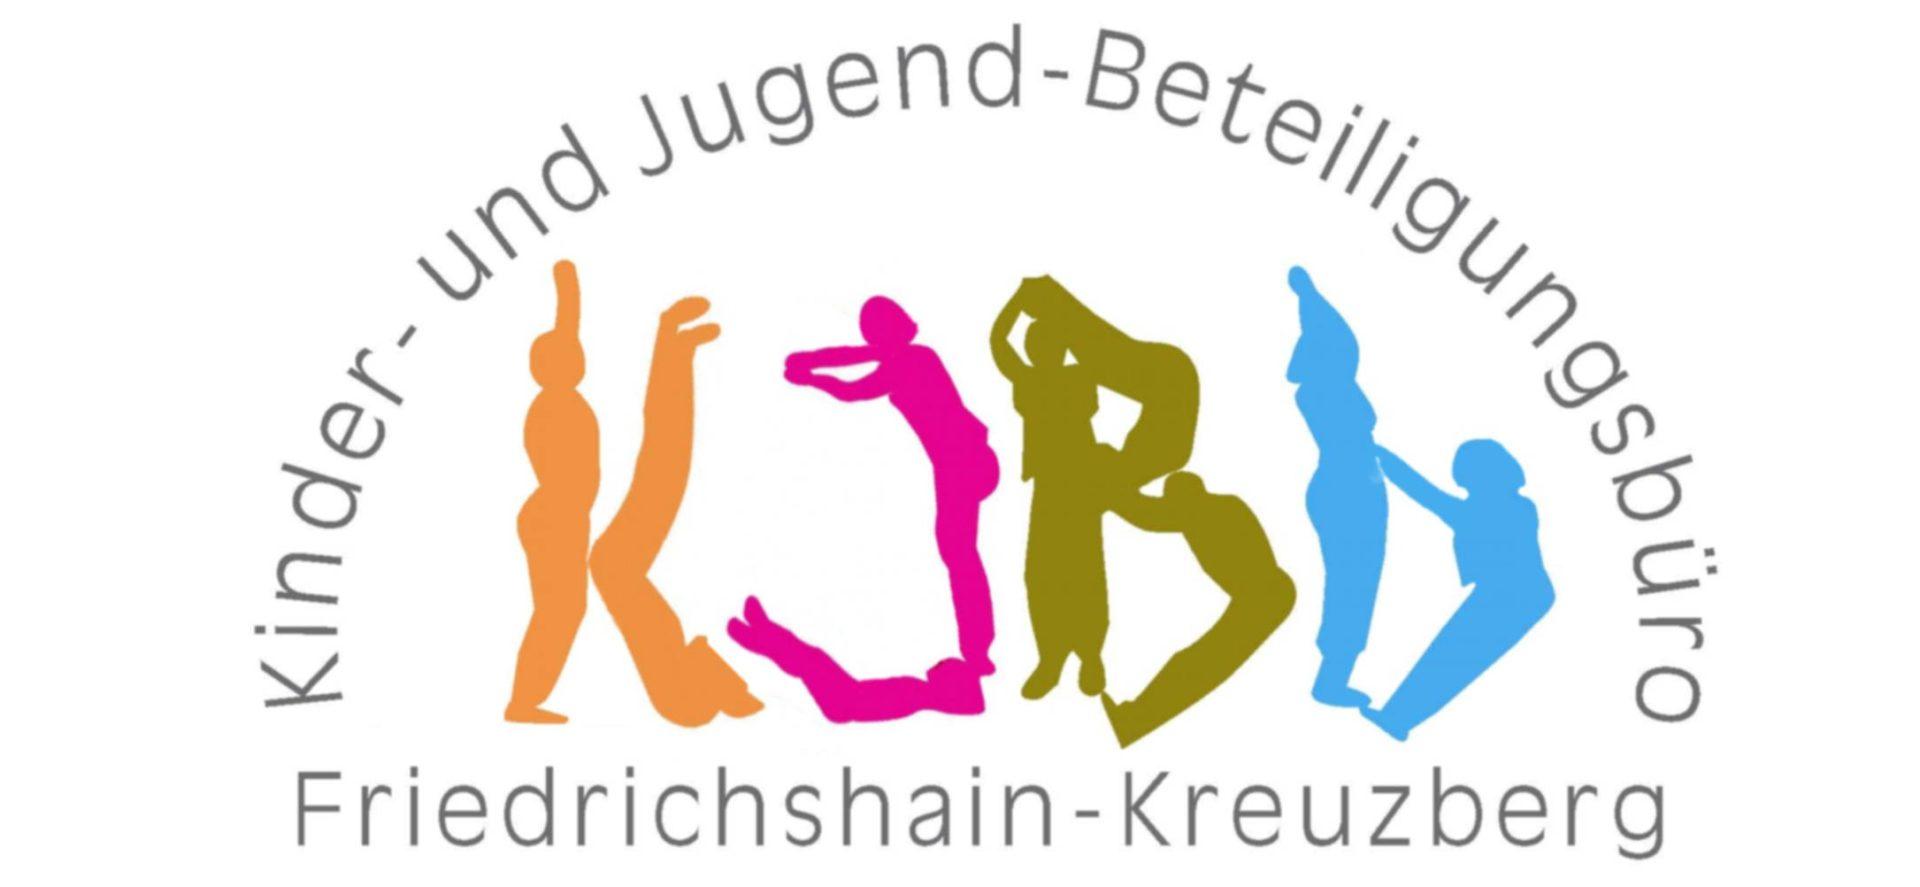 Bezirksschülerausschuss Friedrichshain-Kreuzberg, GSJ/ Kinder- und Jugend-Beteiligungsbüro Friedrichshain-Kreuzberg (2012-2013)